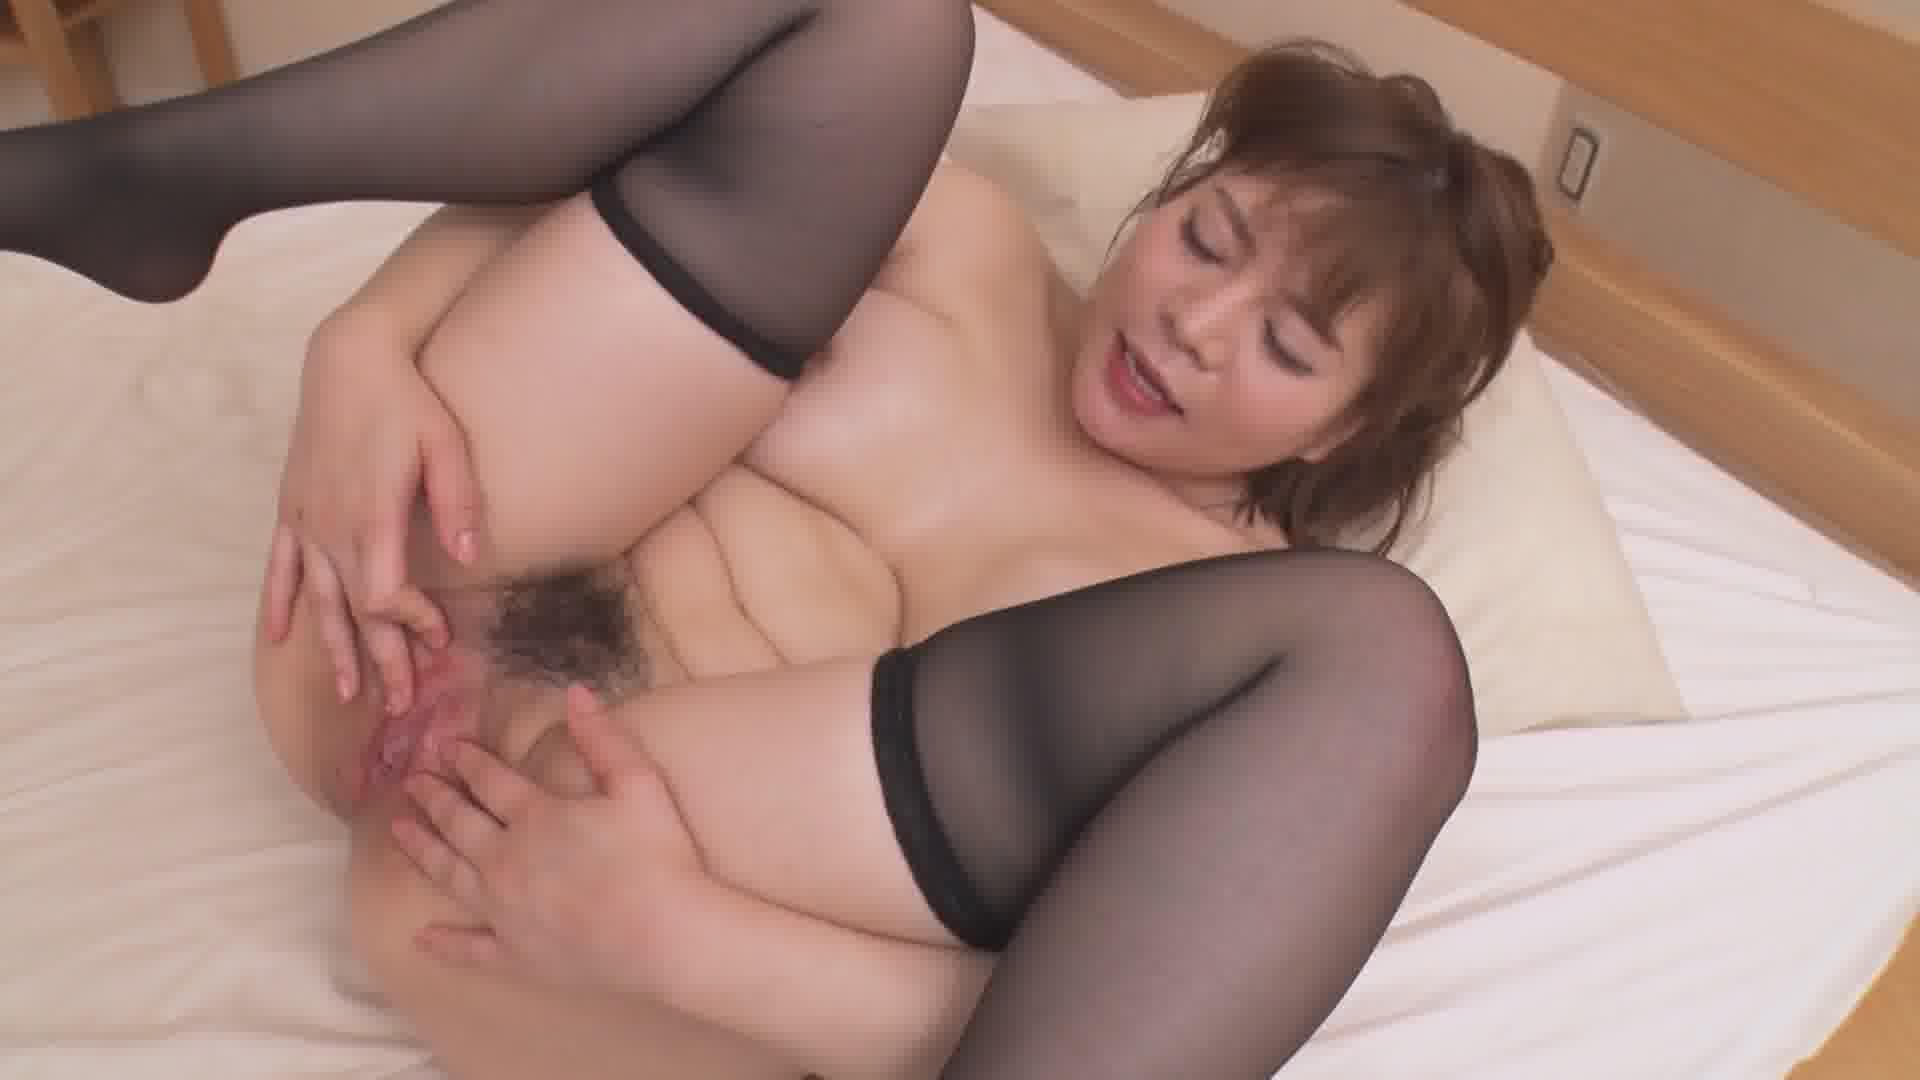 爆揺れ愛カップ!汗だくセックス - 小衣くるみ【巨乳・隠語・初裏】